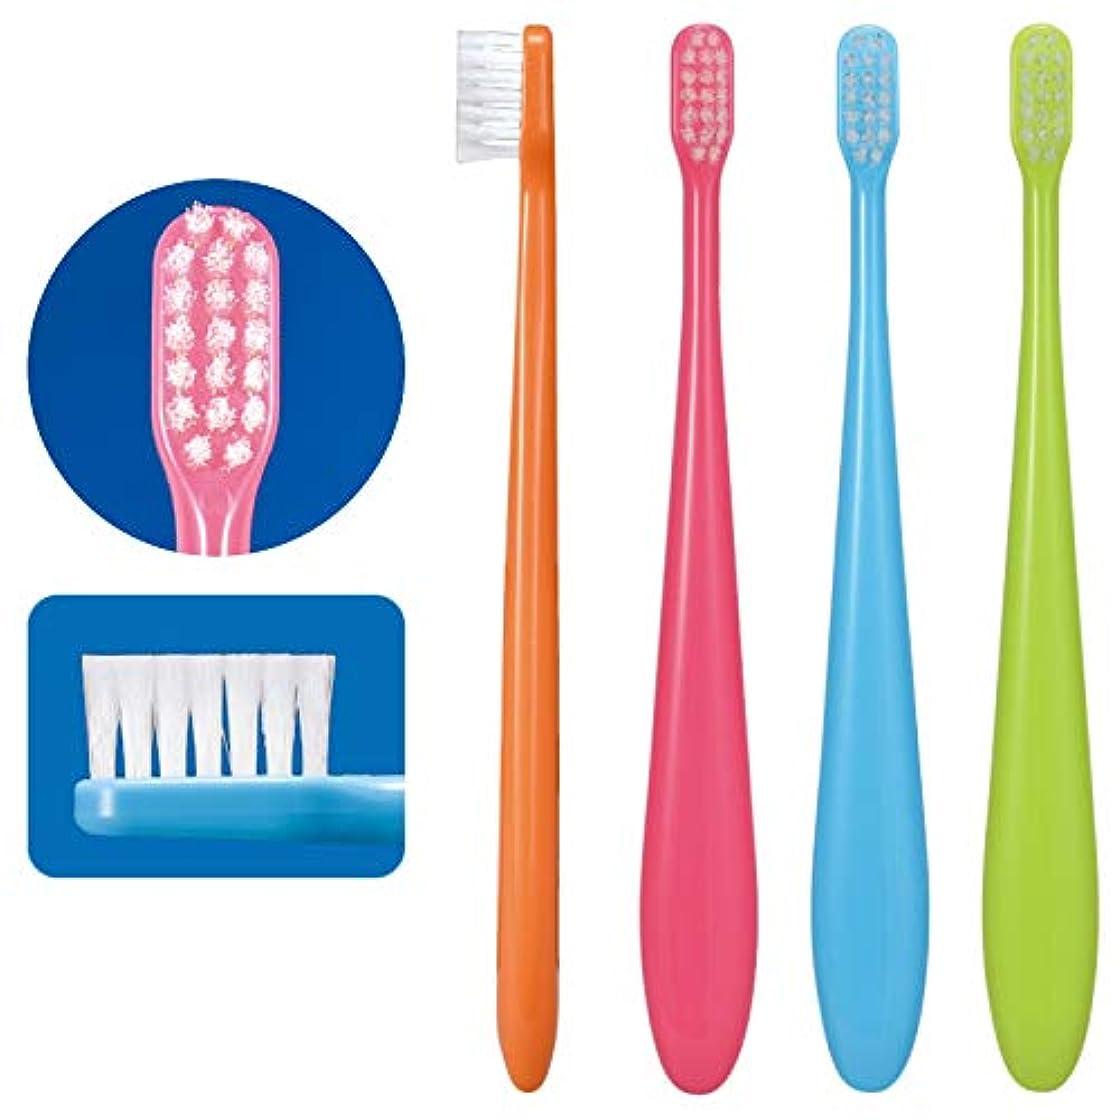 ファックスわかりやすいラウンジCi ミニ歯ブラシ ミディミルキー 20本 M(ふつう) 歯科専売品 日本製